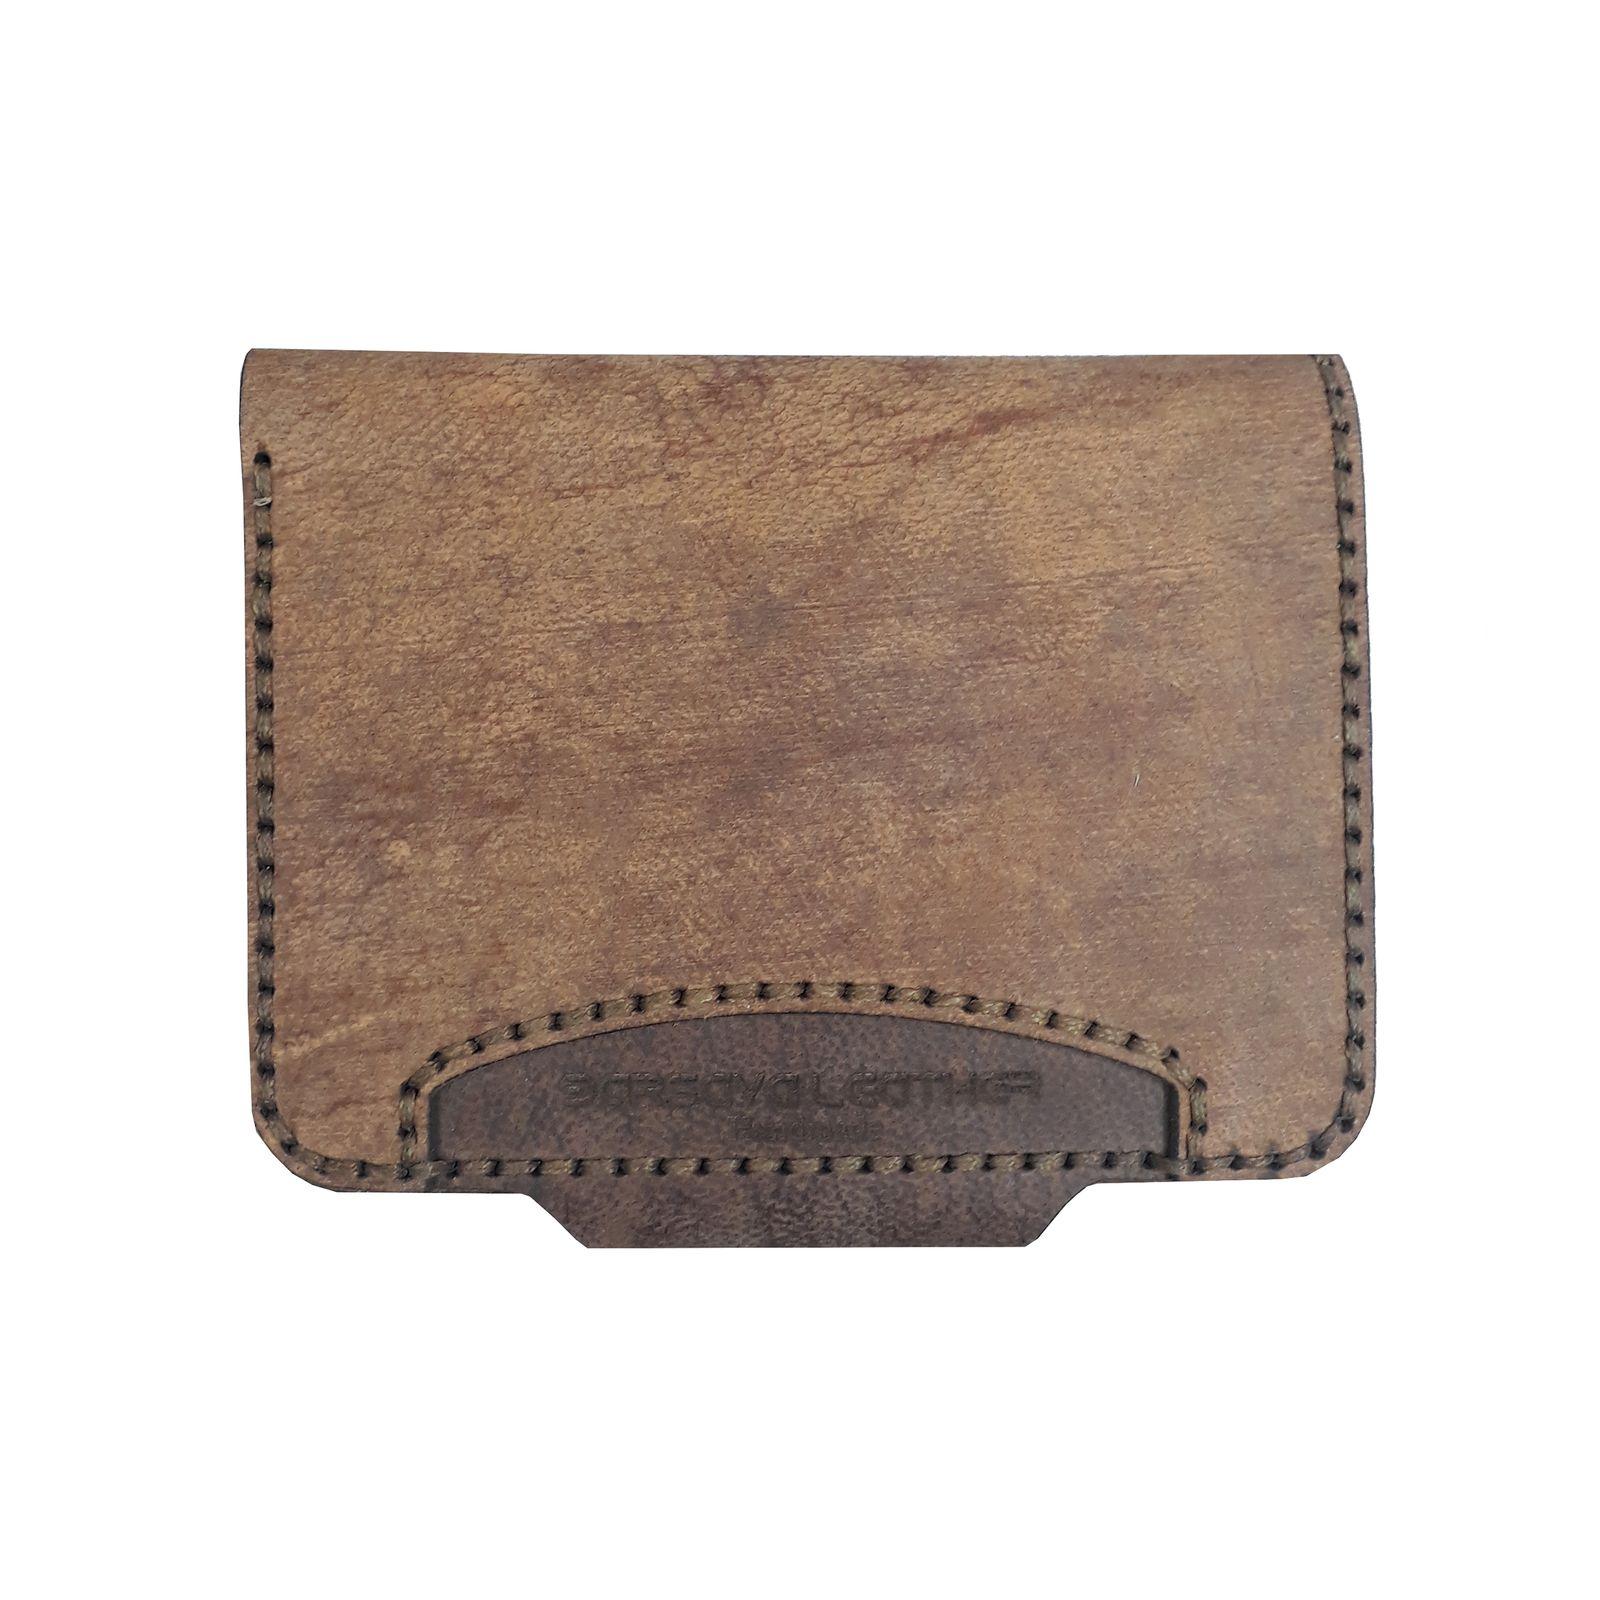 کیف پول مردانه چرم بارثاوا کد 1510 -  - 11